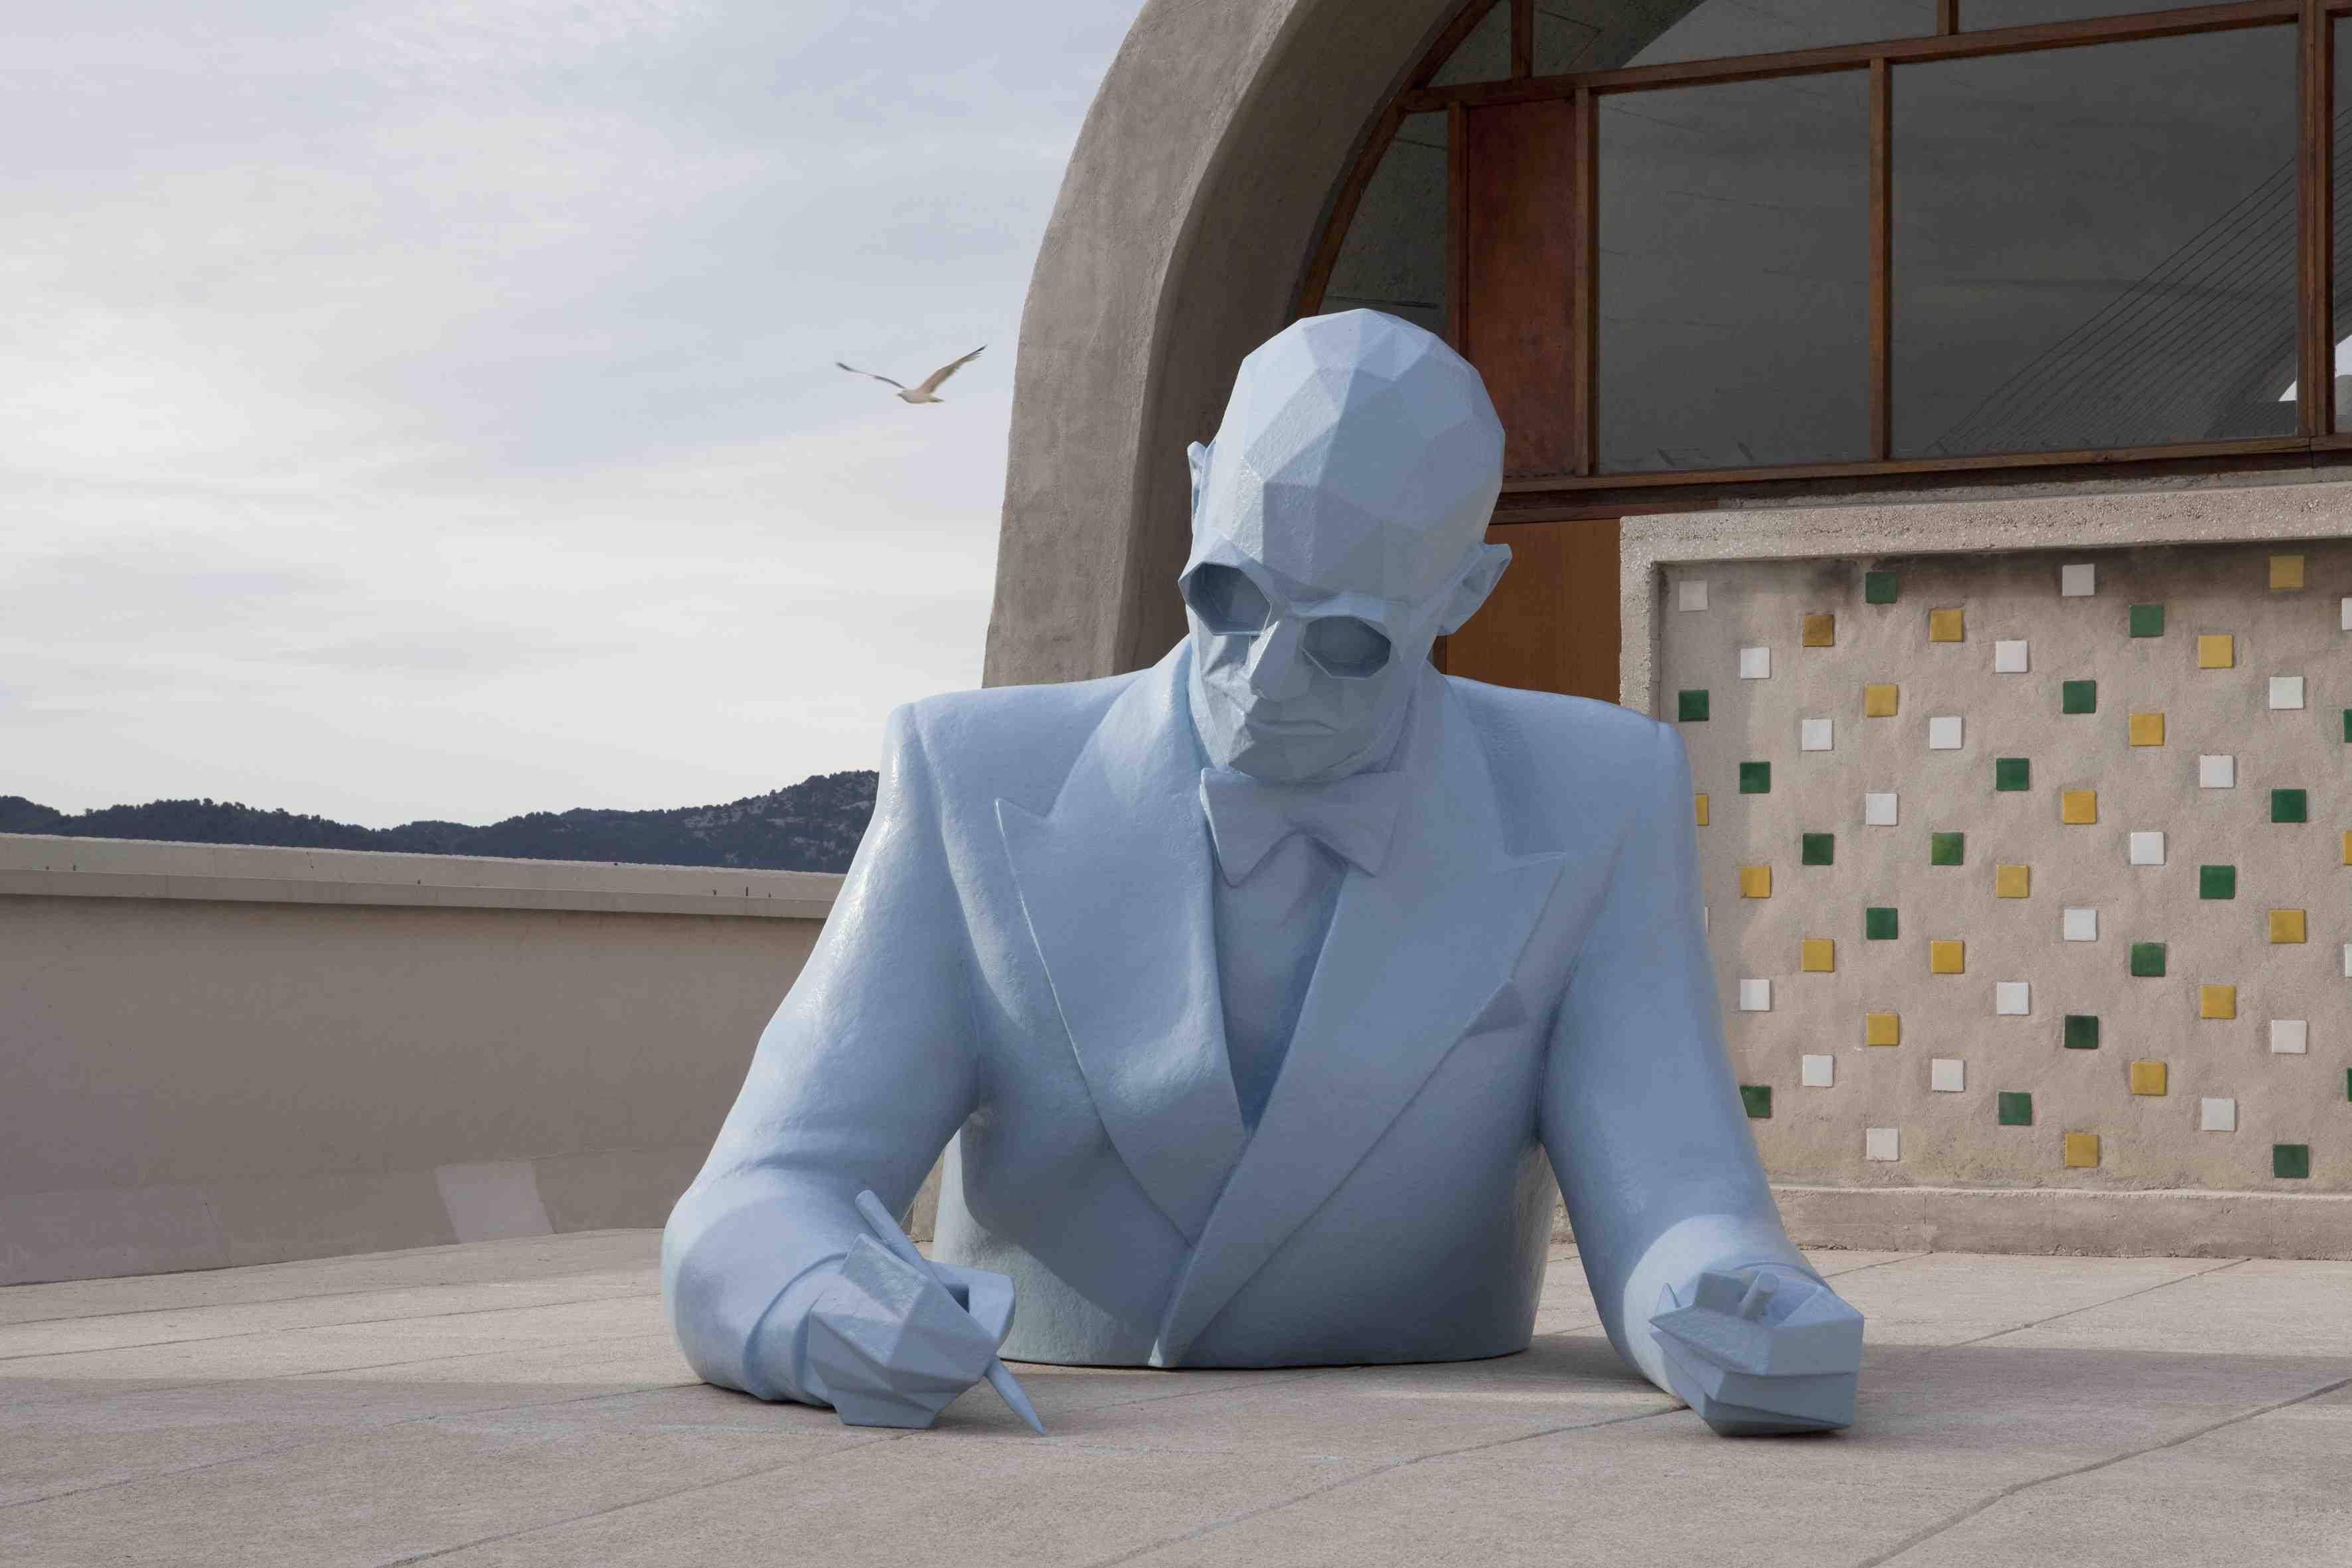 Le Corbusier (Buste) / Le Corbusier (Bust), 2013